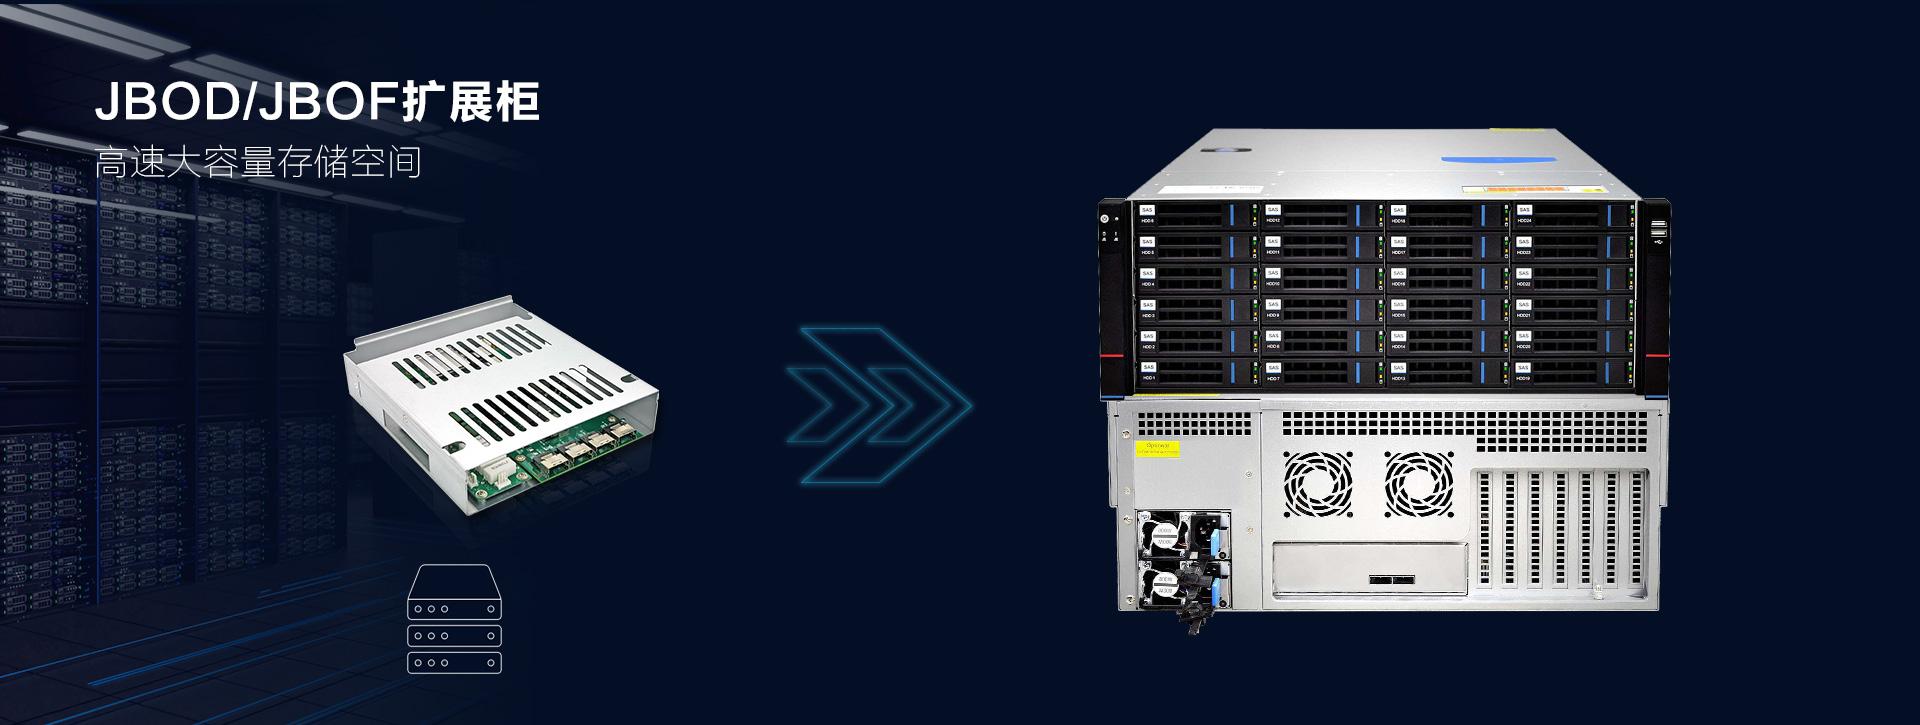 深圳市联瑞信息技术有限公司,linkreal,NVMe卡,阵列卡,转接卡,扩展卡,USB卡,串口卡,服务器背板,数据线,存储服务器,数据存储,数据安全类,软件开发